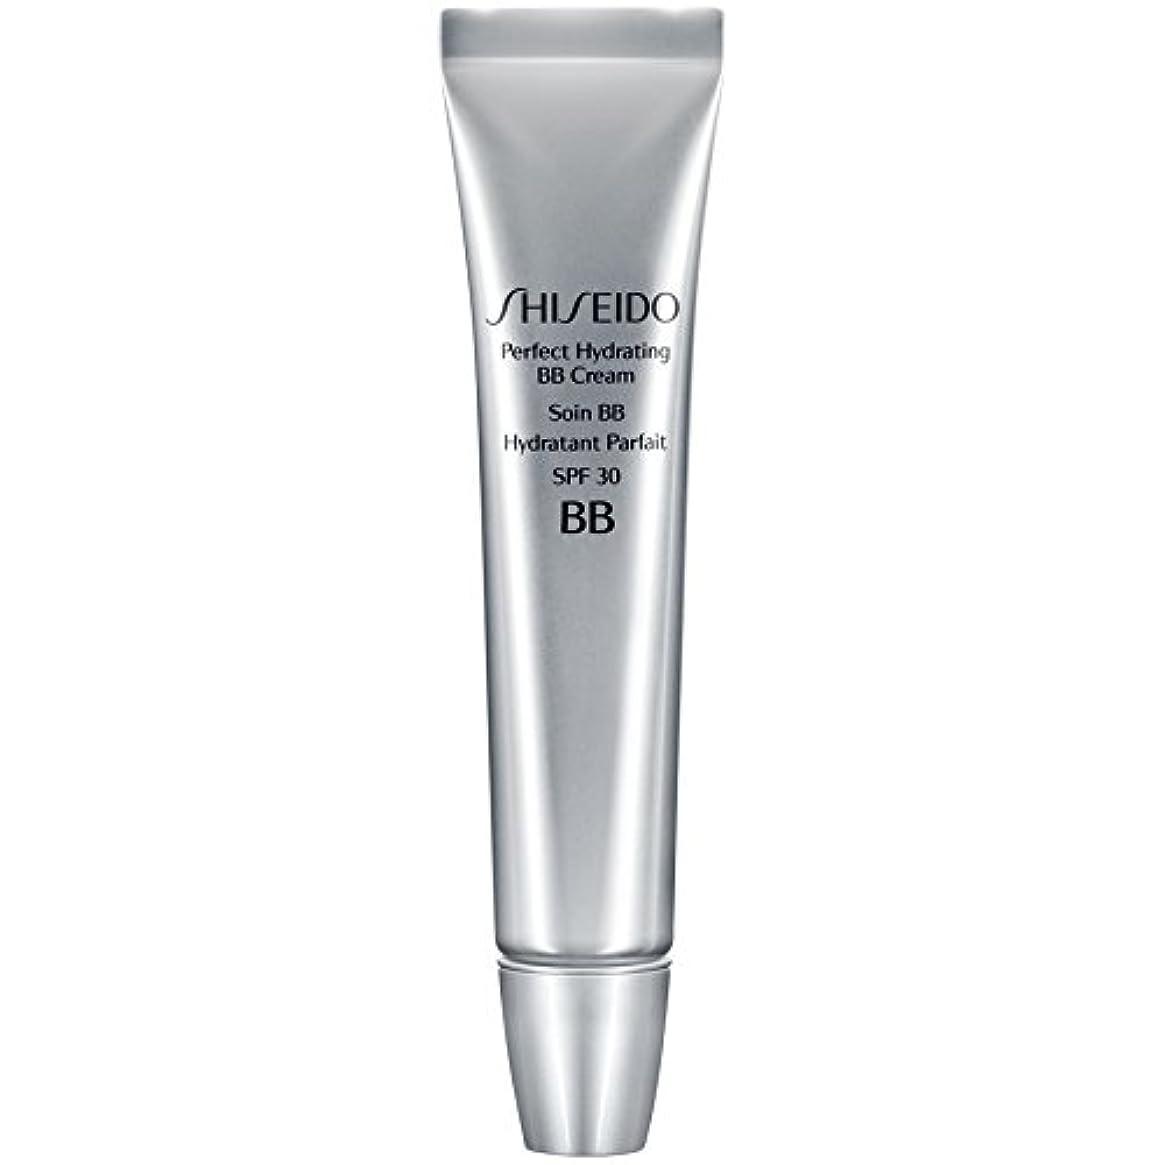 定刻巻き取りポスト印象派[Shiseido ] 資生堂完璧な水和BbクリームSpf 30 30ミリリットルの暗いです - Shiseido Perfect Hydrating BB Cream SPF 30 30ml Dark [並行輸入品]